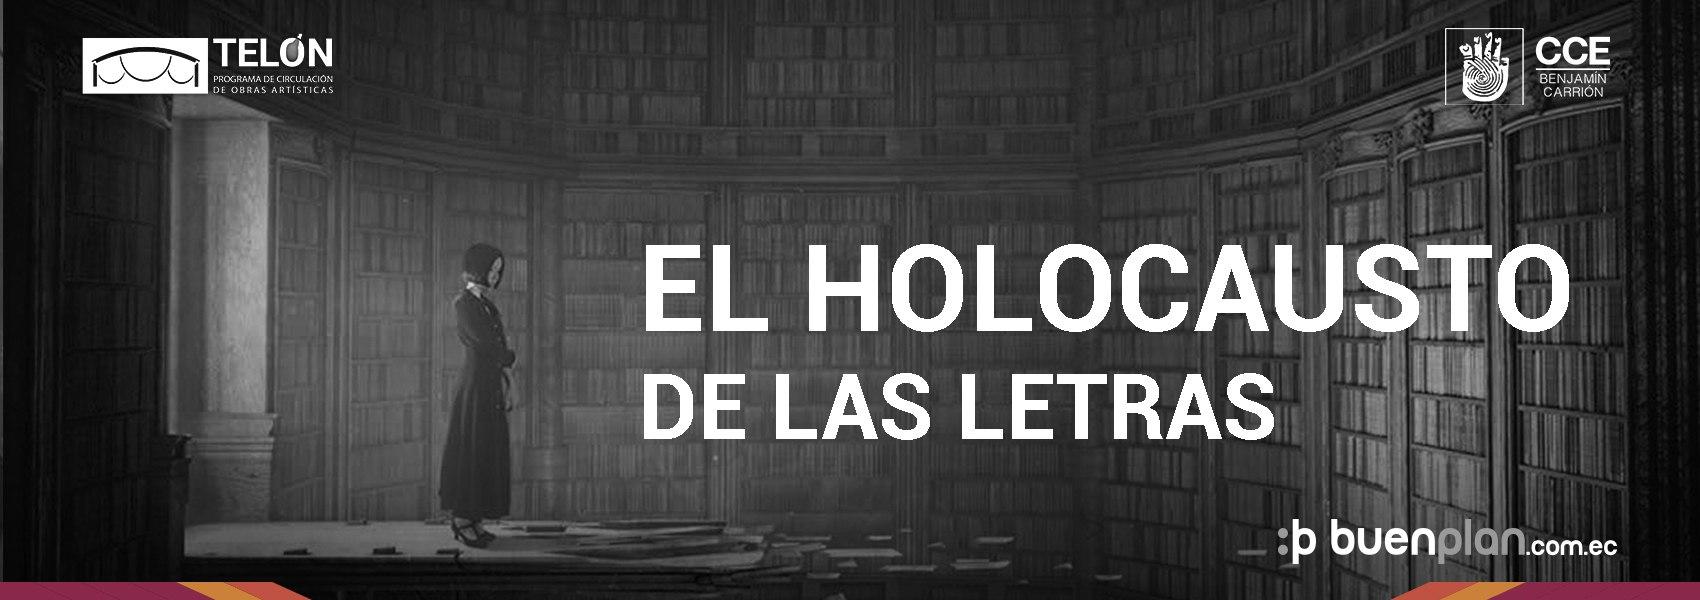 El Holocausto de las Letras - 27 de Junio en Quito, BuenPlan